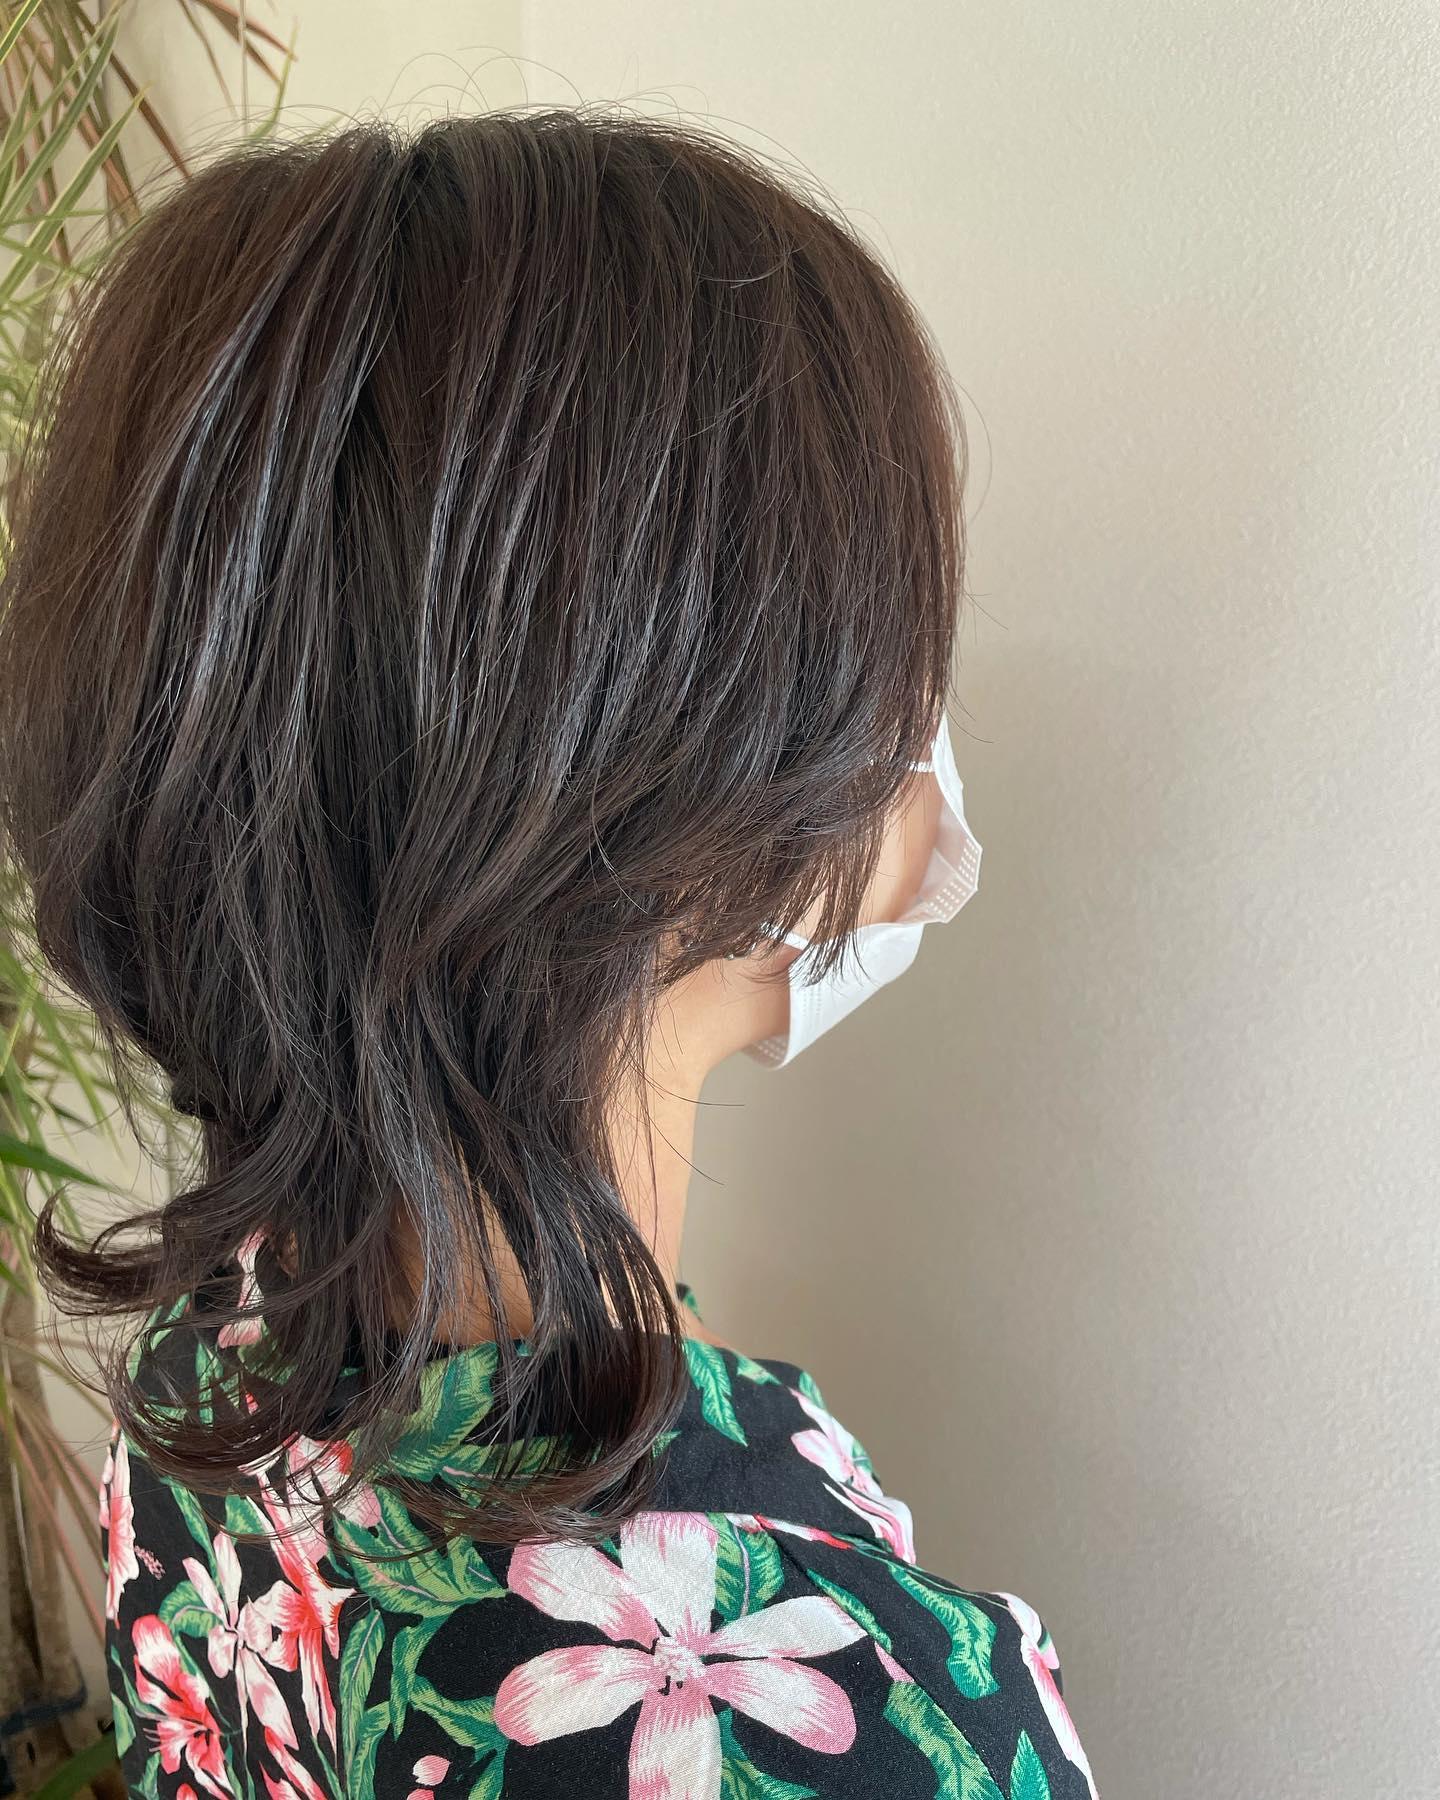 もともとウルフだったスタイルをよりウルフに😎後ろを切って顔まわりも短くして︎コテで巻くとまたイメージが変わって可愛い#totti #hair #color #perm #cut #hairstyle #haircolor #hairarrange #stylist #care #carelist #aujua #イルミナカラー #headspa #treatment #美容院